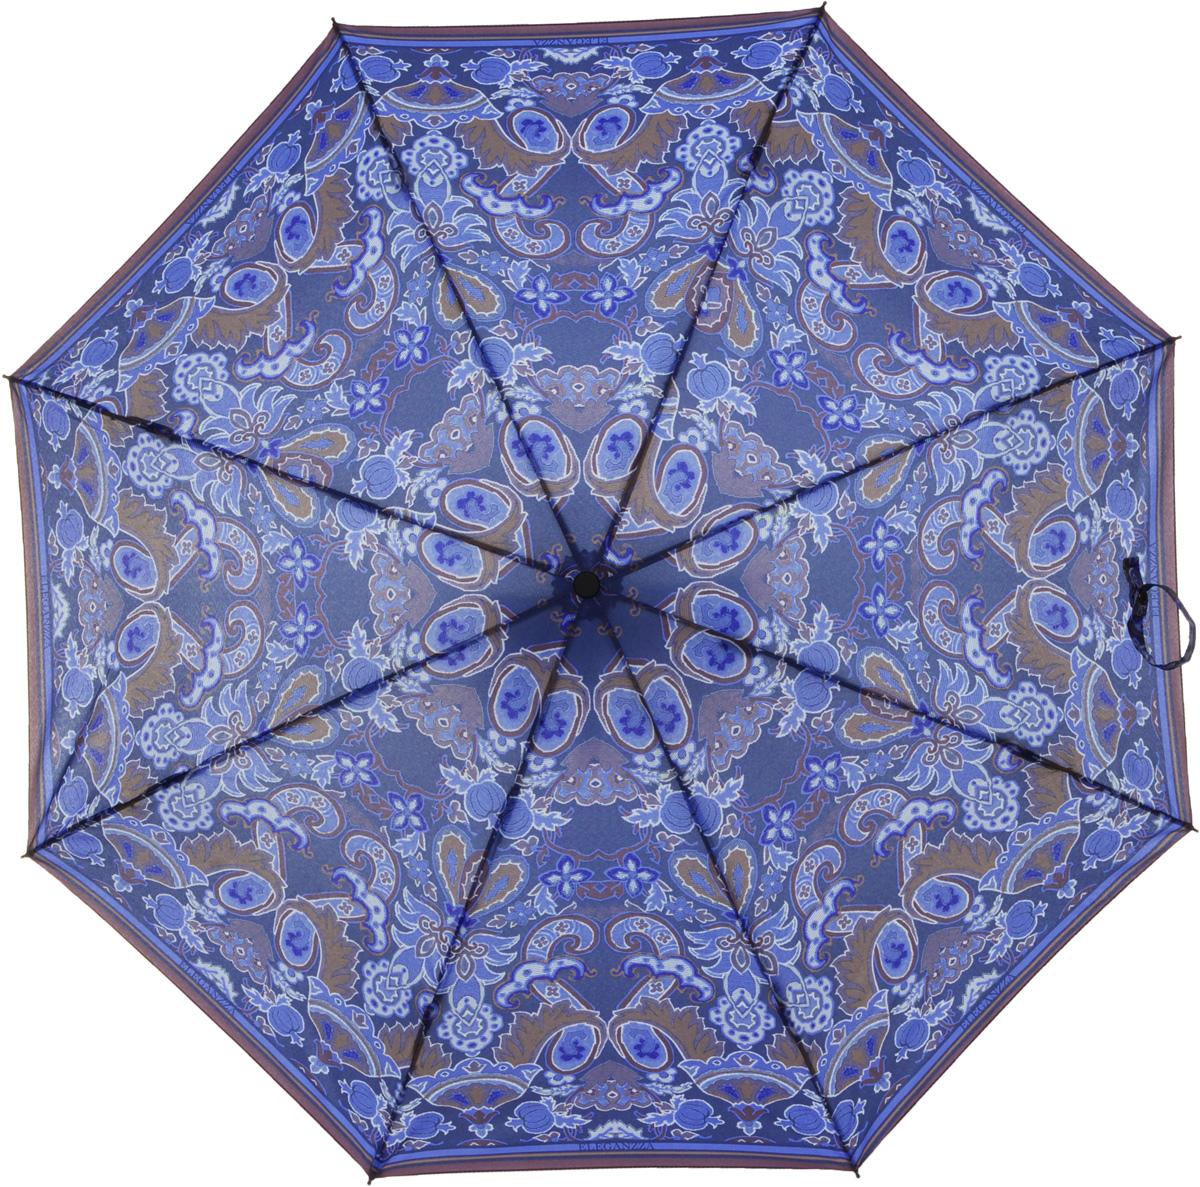 Зонт женский Eleganzza, автомат, 3 сложения, цвет: синий. A3-05-0267A3-05-0267Женский зонт-автомат. Материал купола 100% полиэстер, эпонж. Материал каркаса: сталь + фибергласс. Материал ручки: пластик. Длина изделия - 28 см, диаметр купола - 98 см.